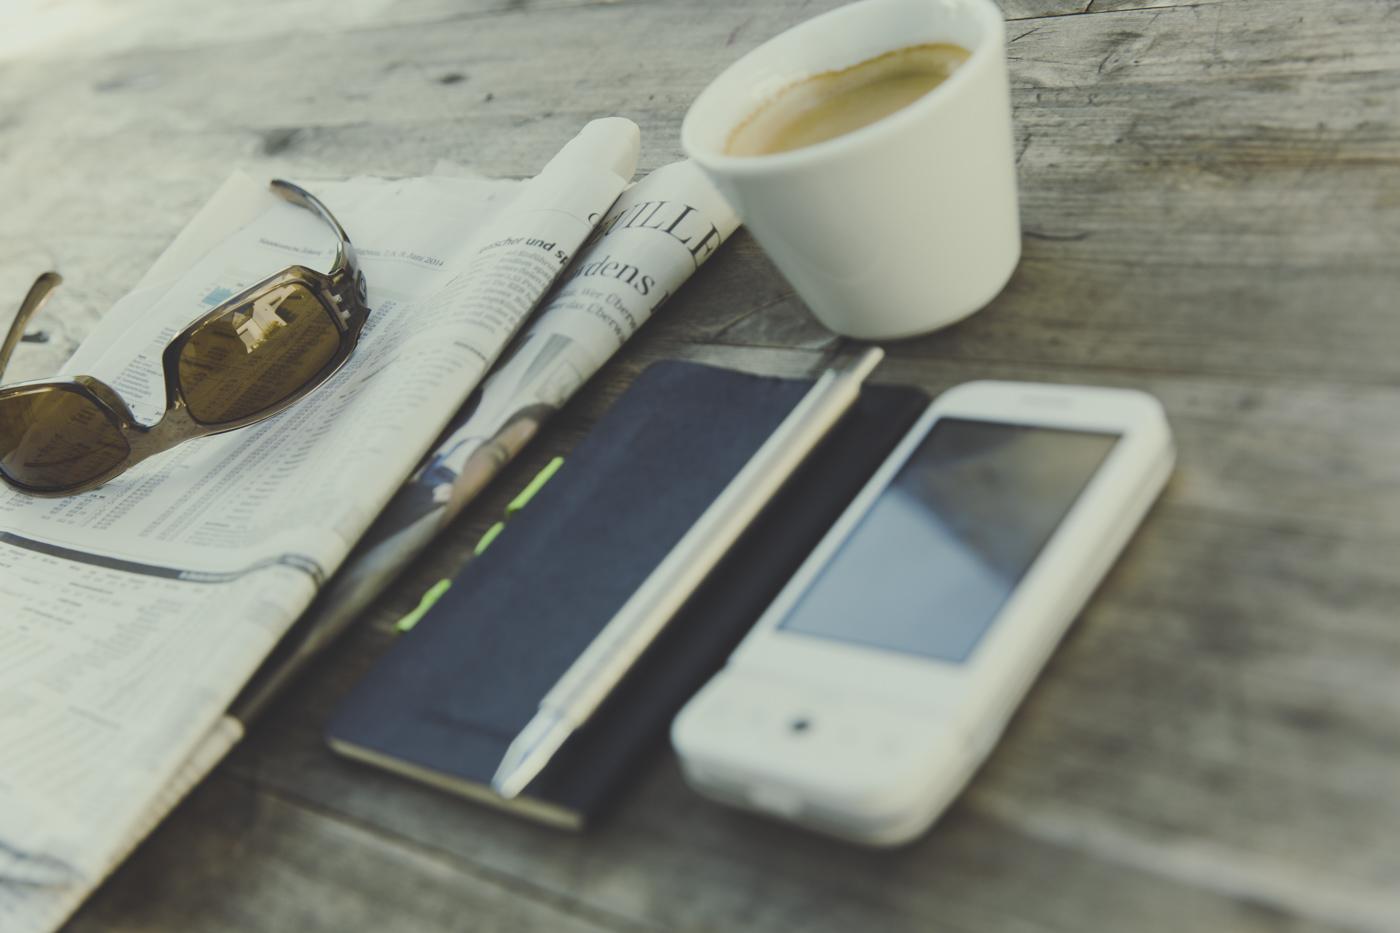 газета, телефон та кава